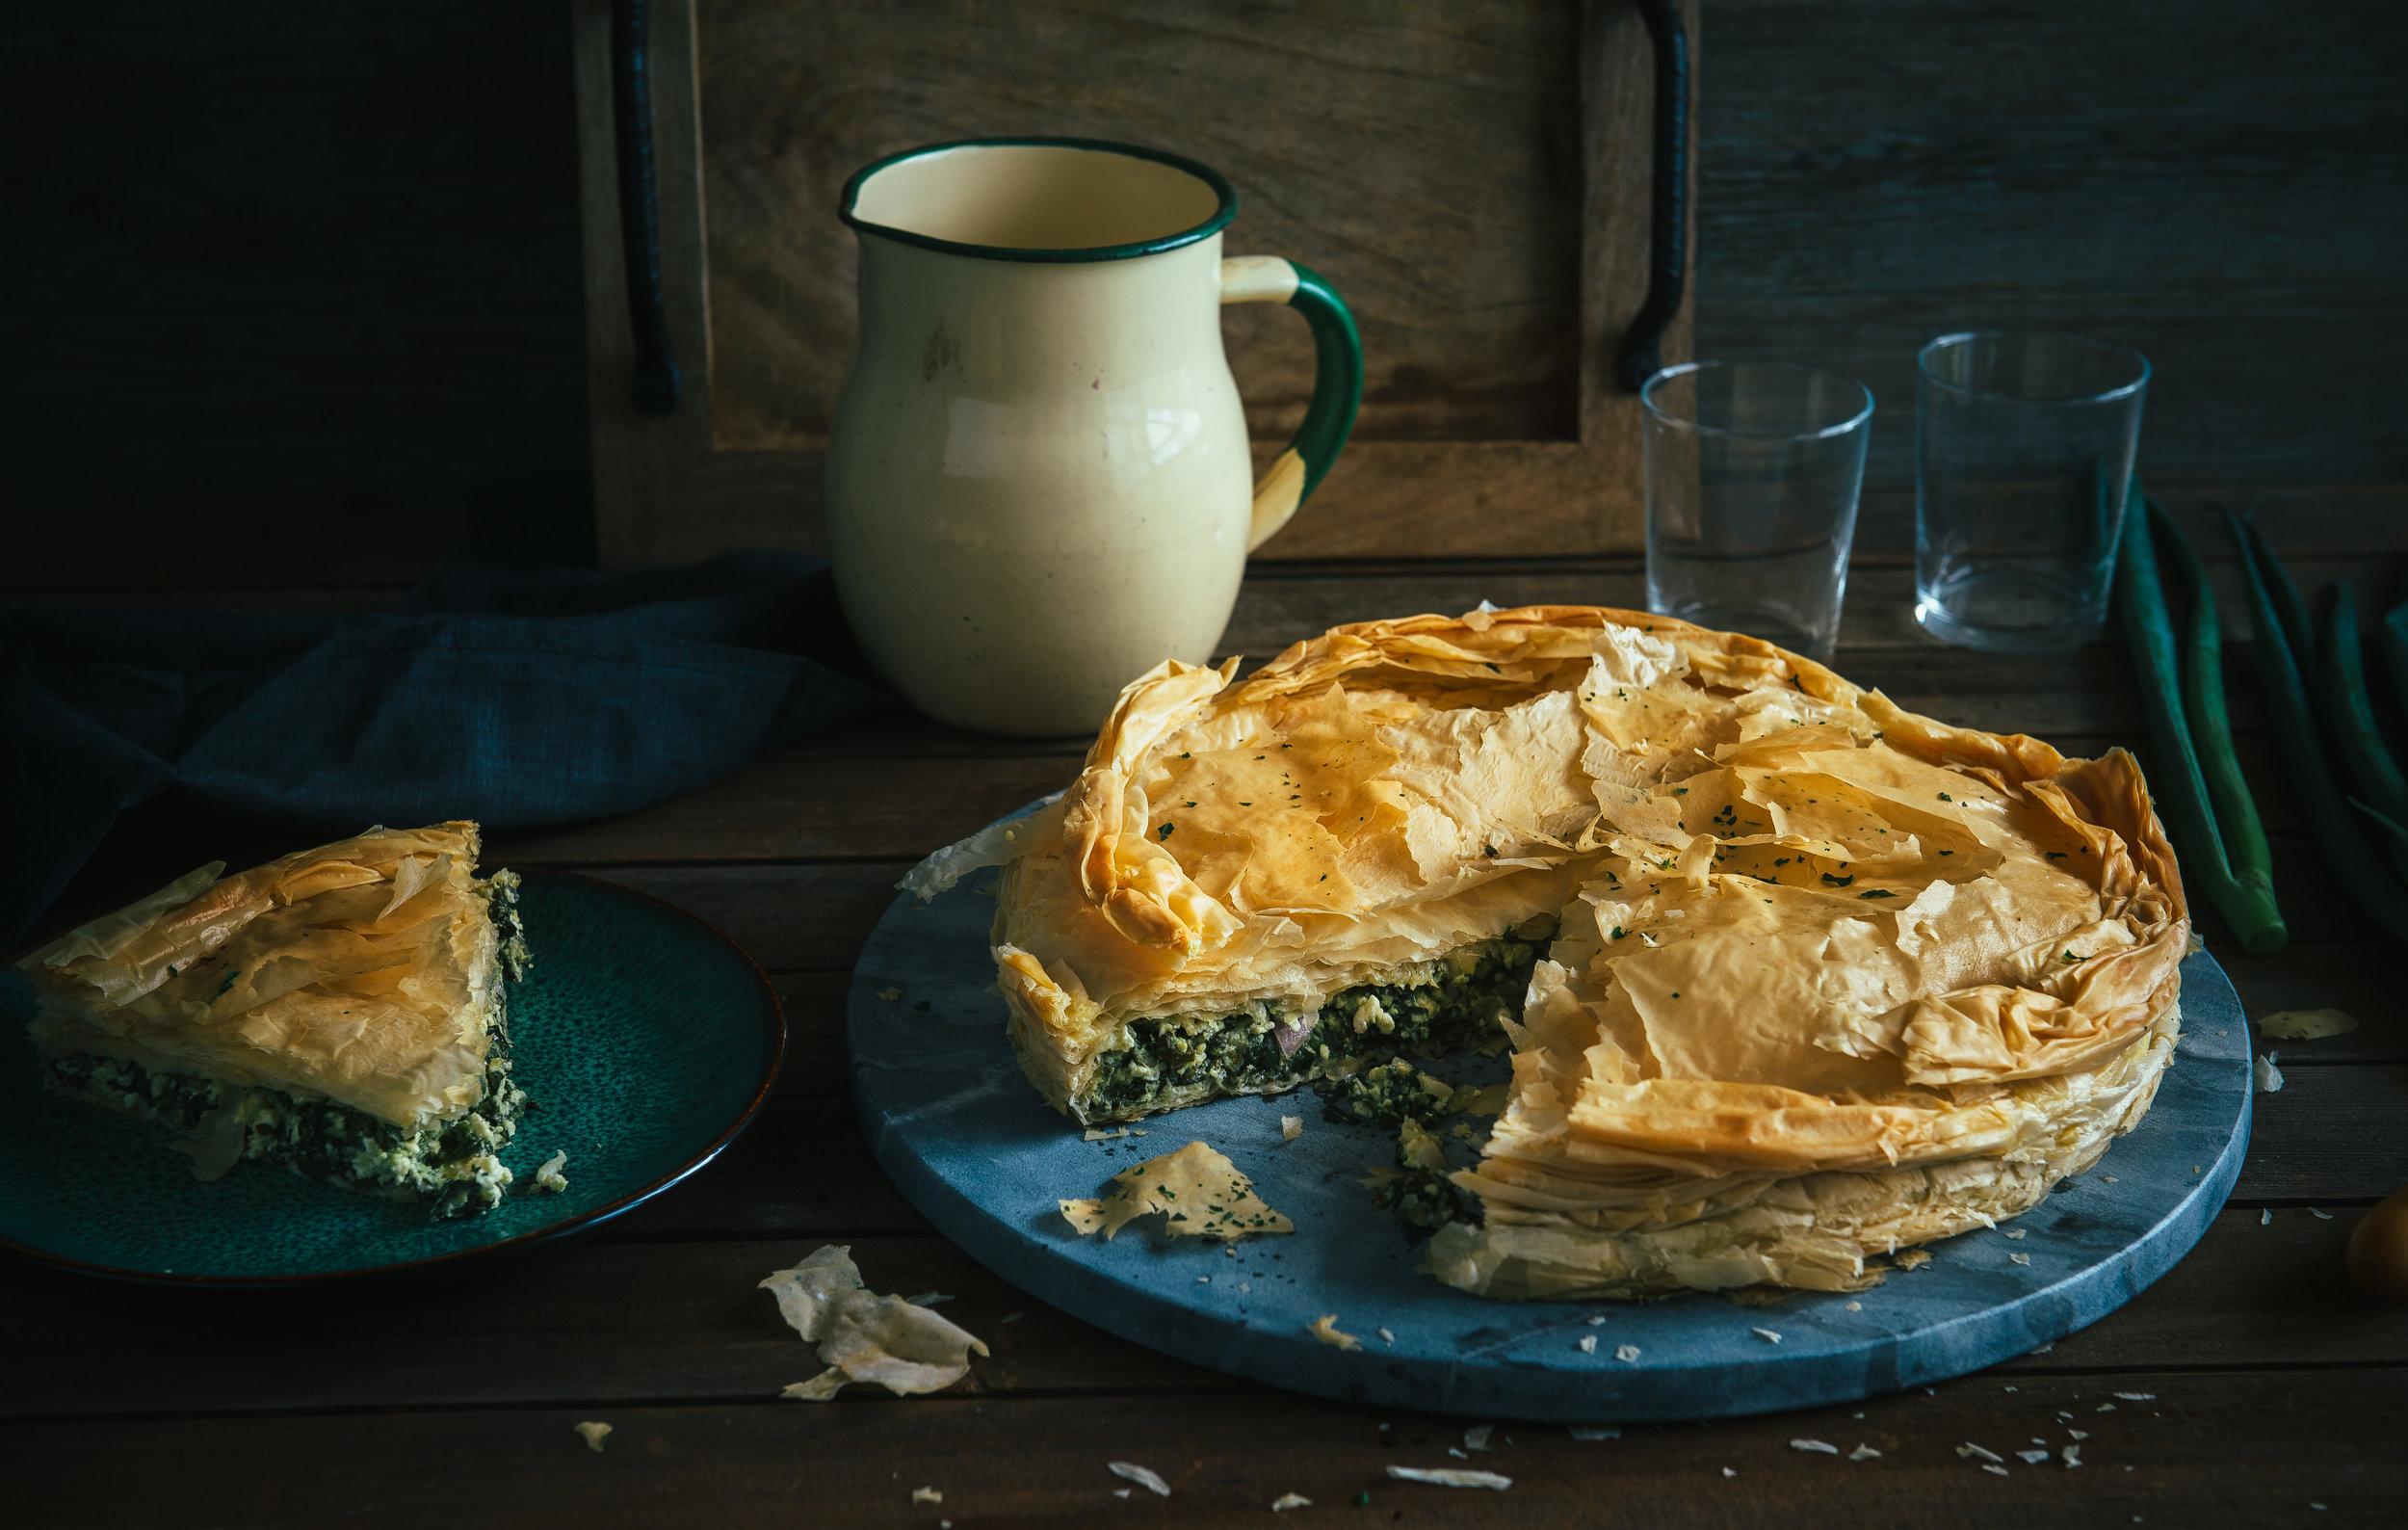 Spanakopita-Fillo-Pastry-Spinach-Cheese-recipe